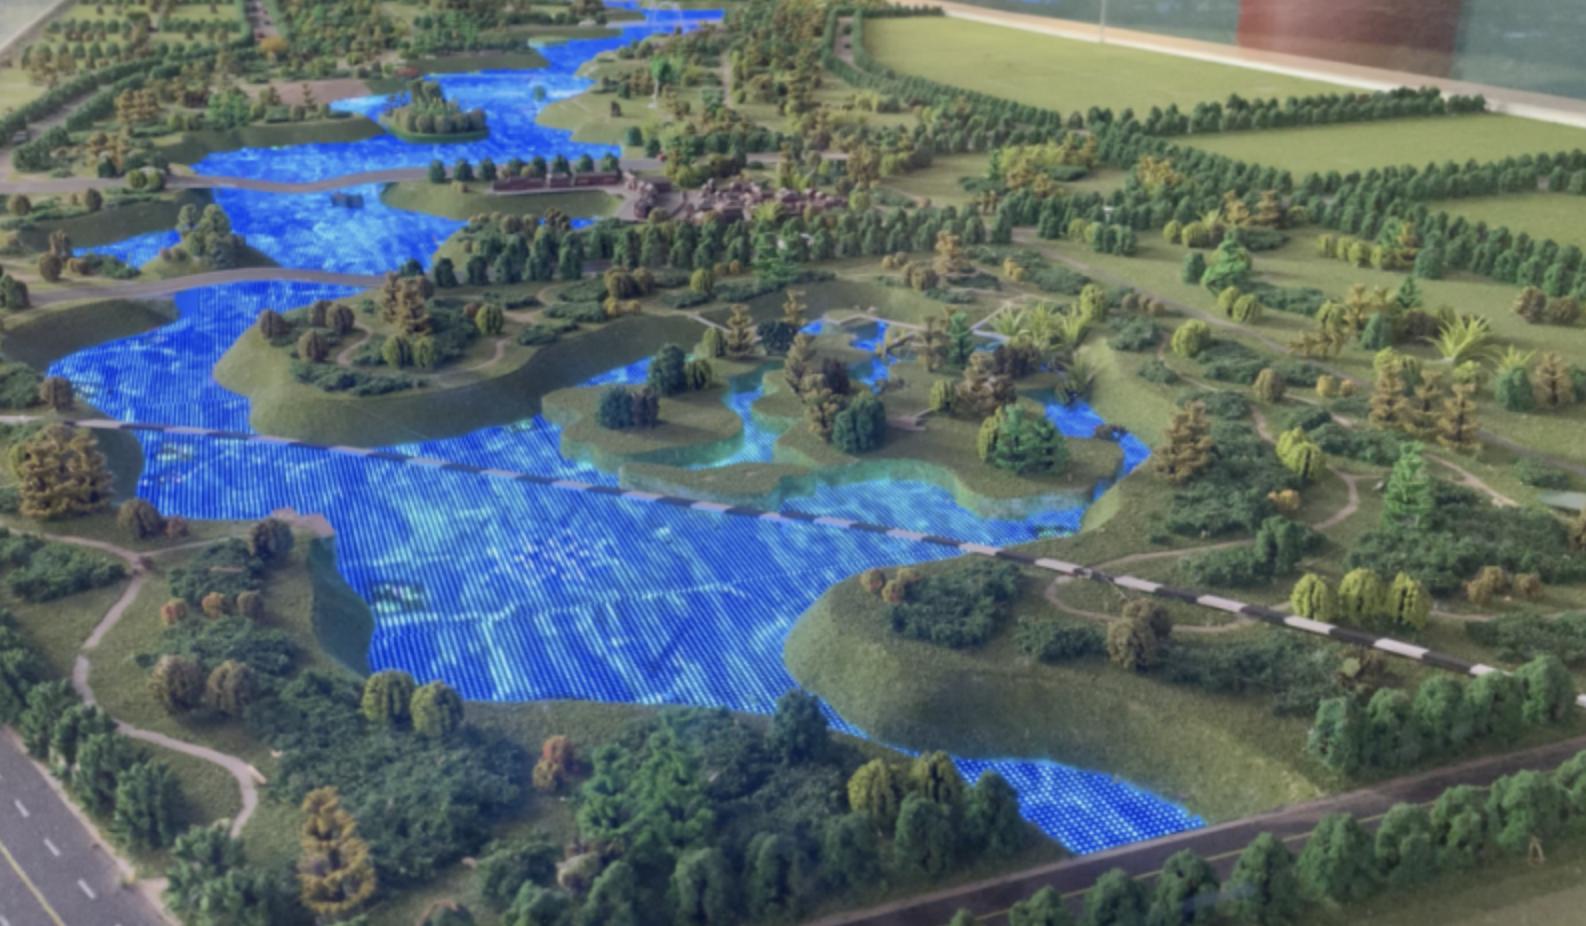 新华视点|网红景区背后的隐秘:引黄调蓄工程是如何变成人造景观的?